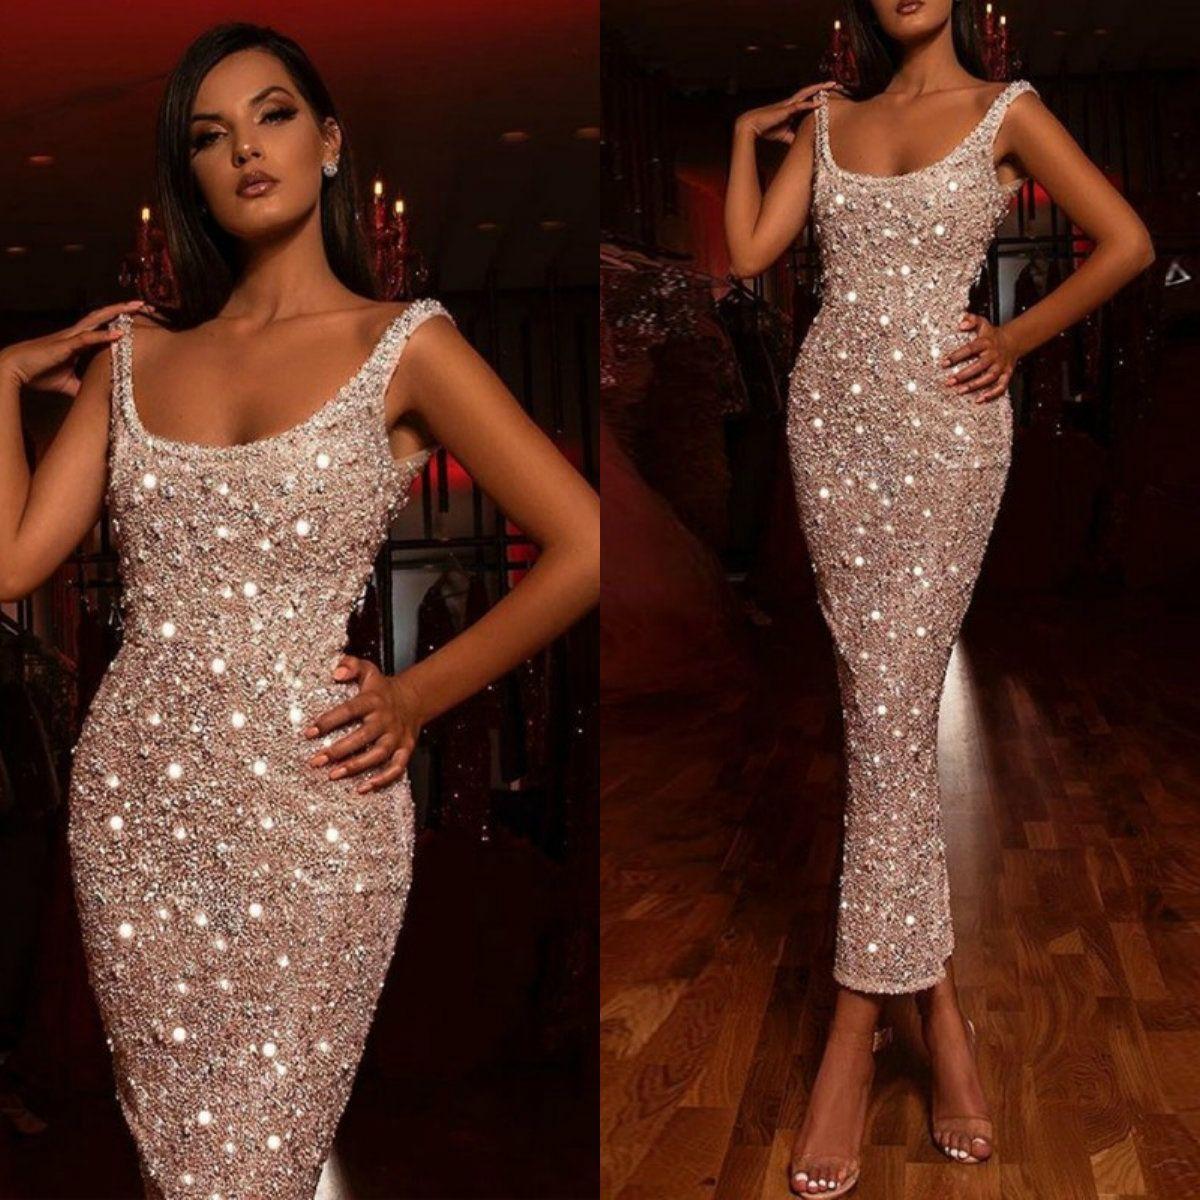 Сексуальные Bling Bling Cocktail платья Scoop шеи лодыжка длина бисера оболочки леди вечернее платье блестки специальные платья